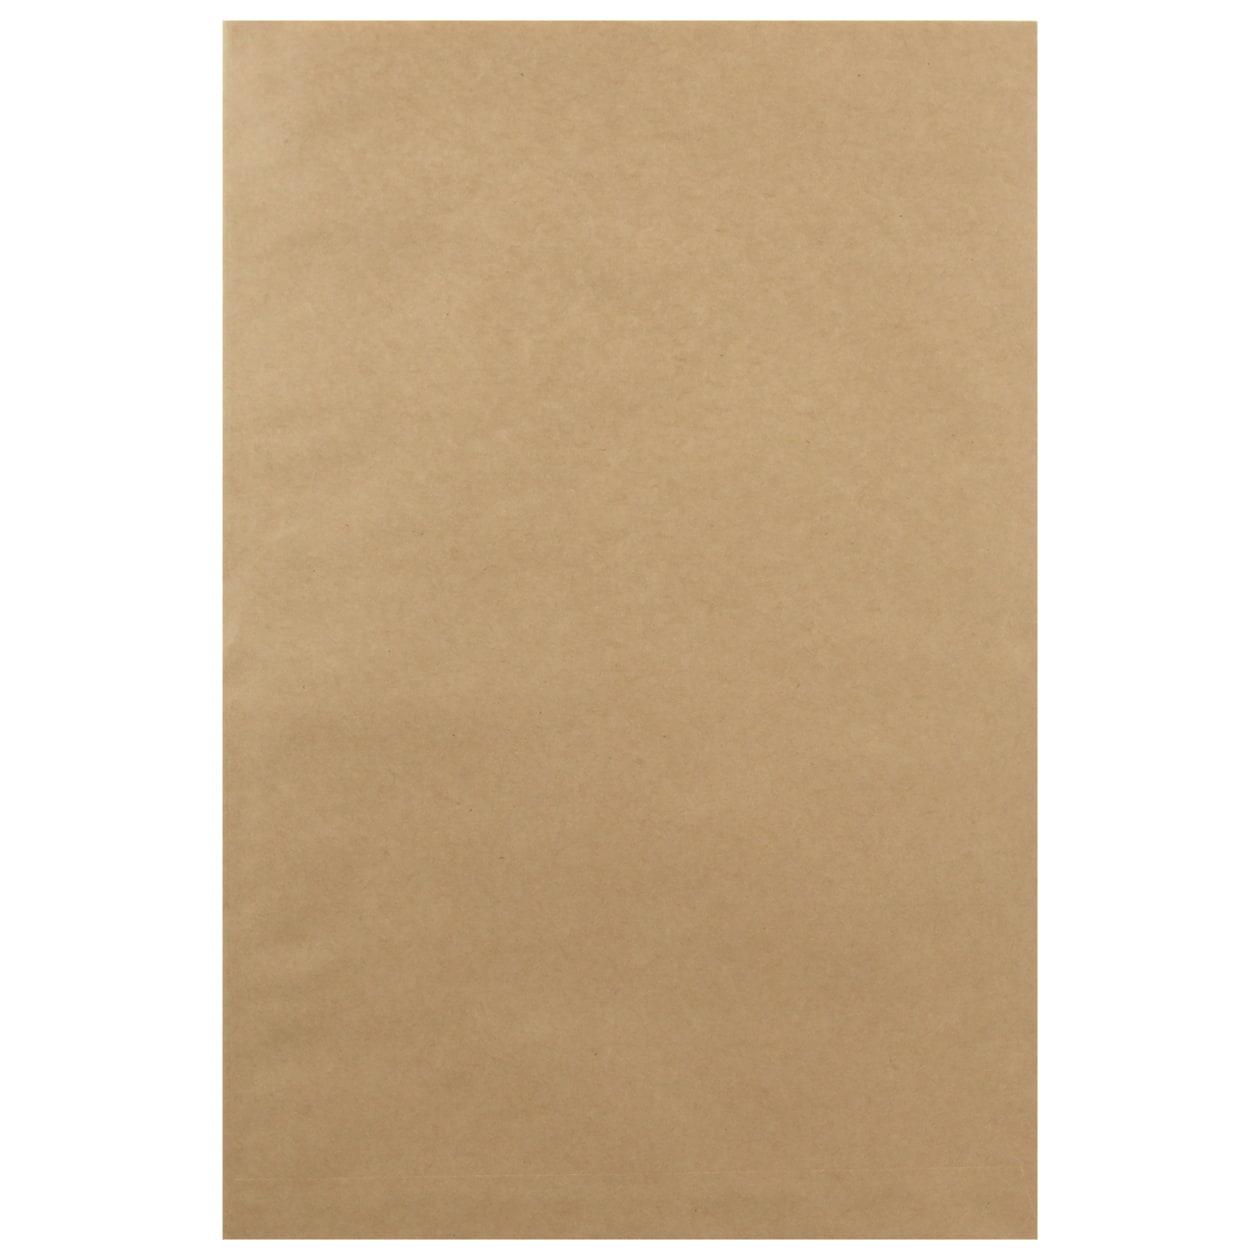 サンプル 封筒・袋 00152